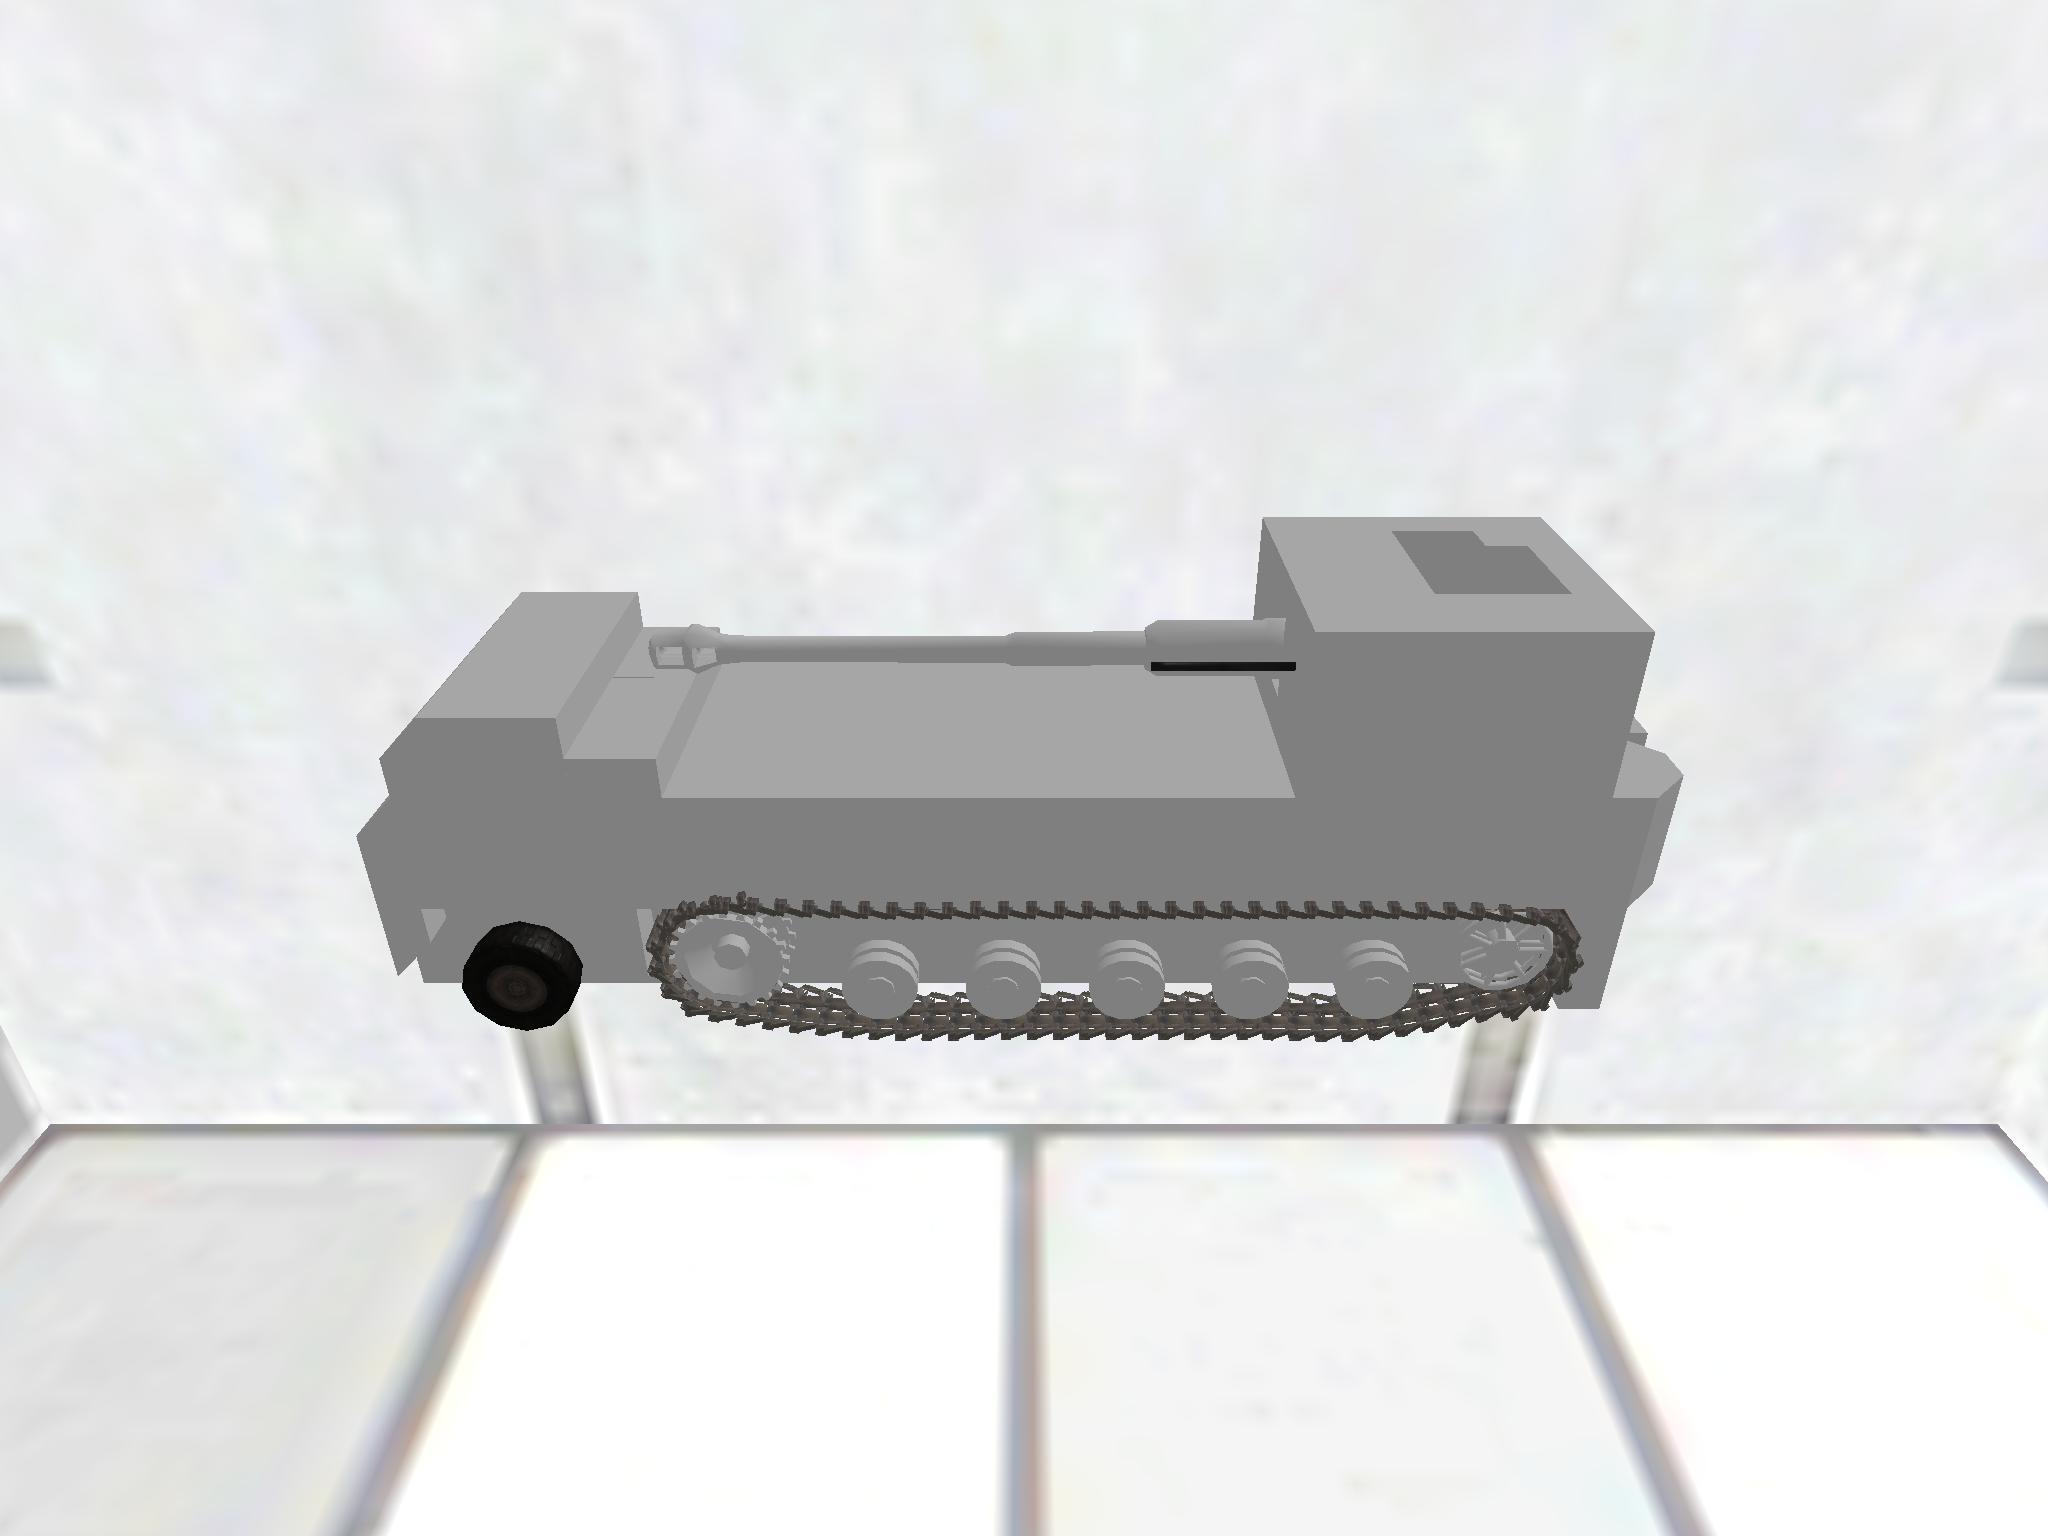 改造対戦車トラック